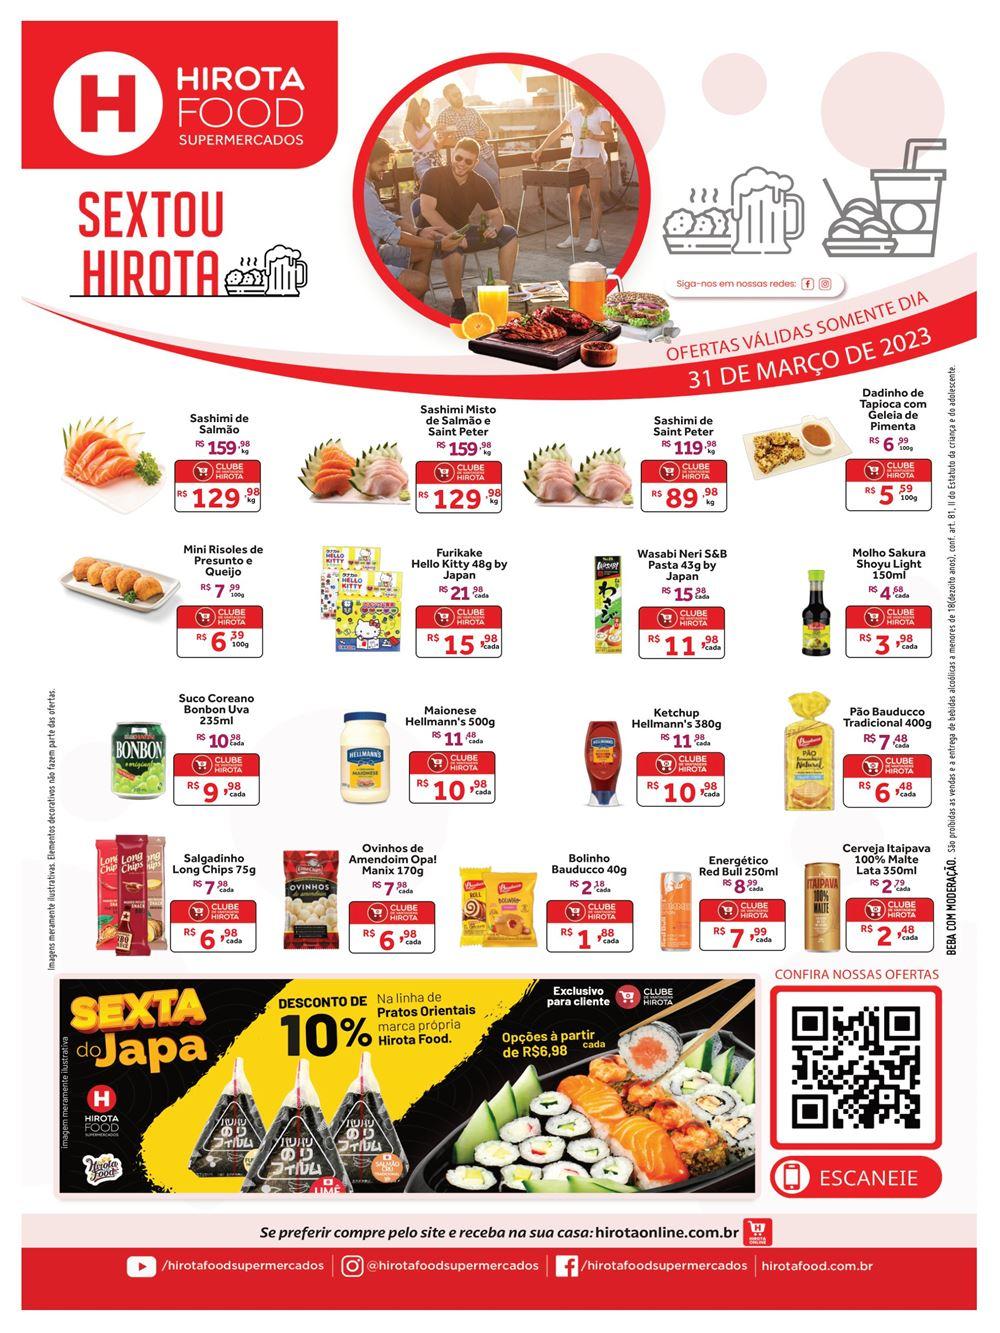 hirota-ofertas-descontos-hoje1-36 Ofertas de supermercados